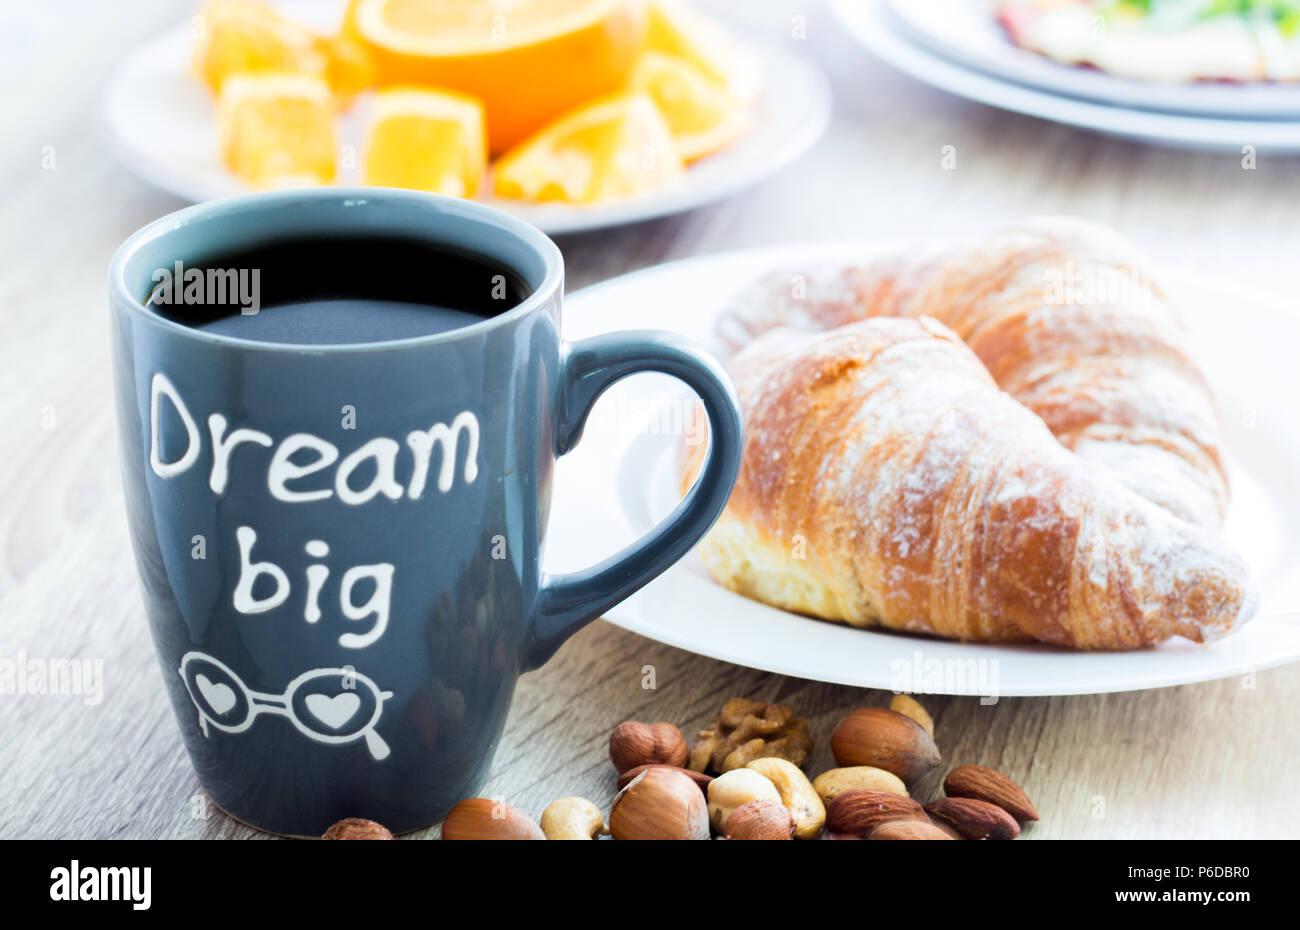 Großartig Guten Morgen Frühstück Galerie Von Frühstück. Becher Kaffee Mit Croissants, Muttern Und